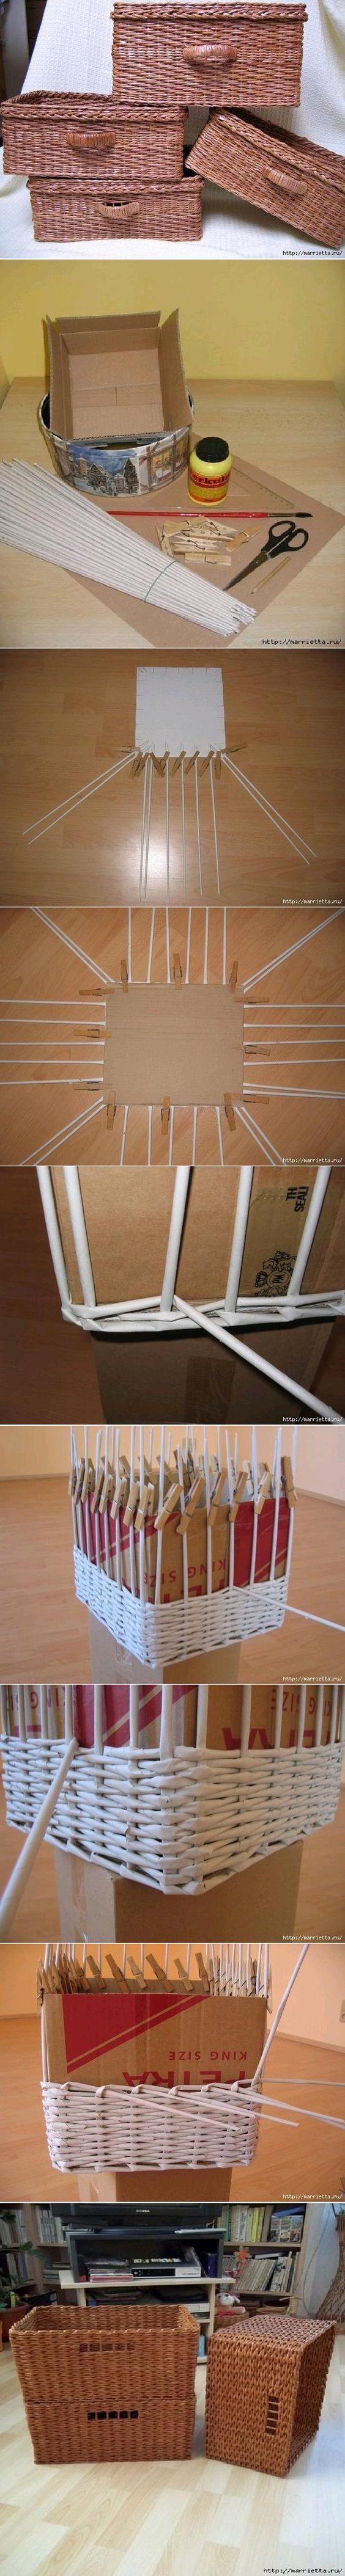 DIY Newspaper Weave Basket